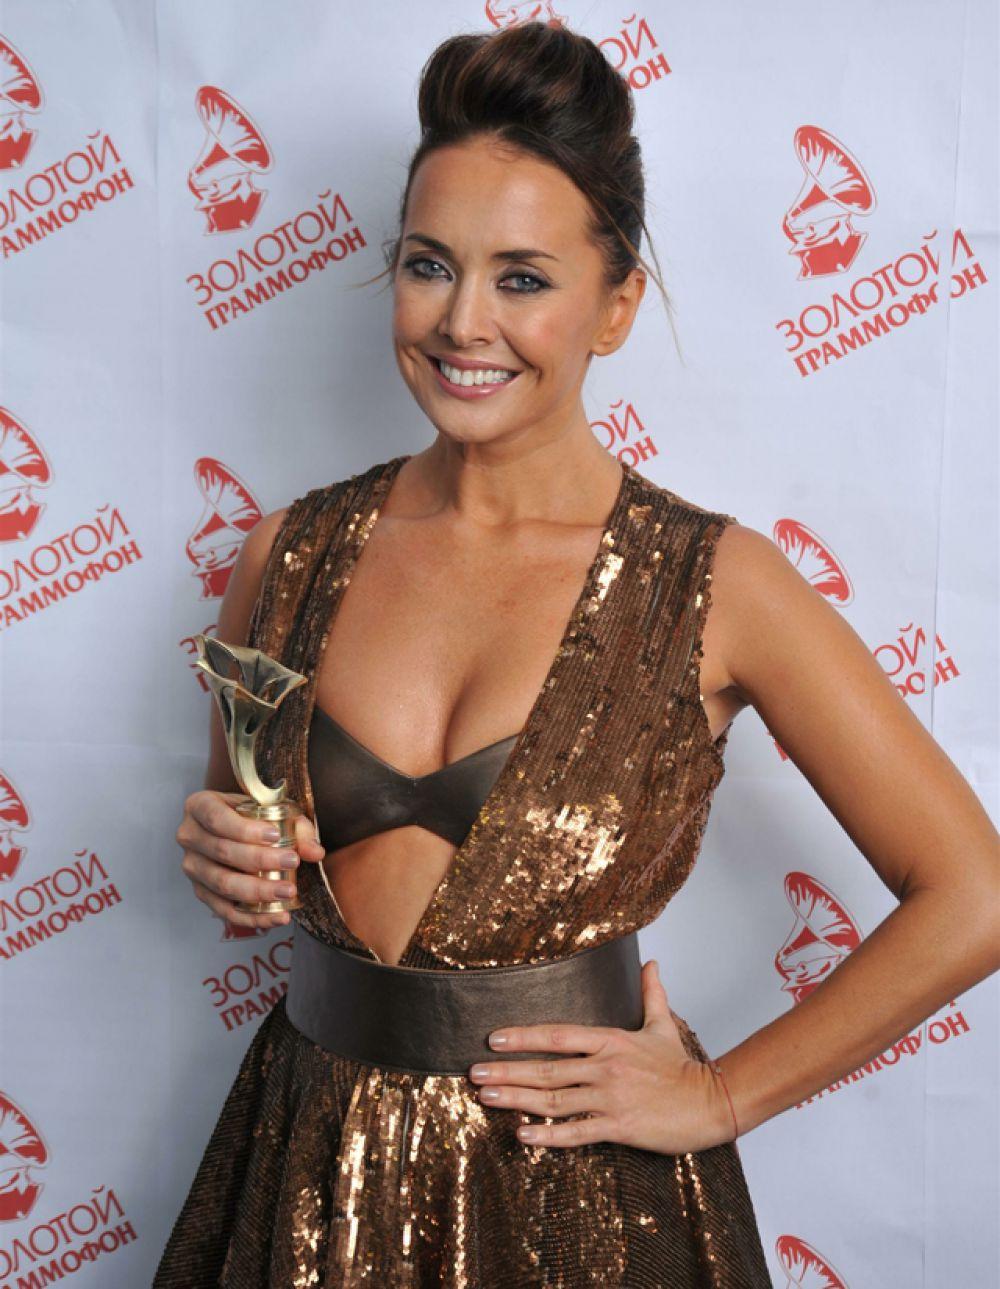 Золотой граммофон певица получала в 2007 и 2010 годах за песни «Малинки» и «А на море белый песок».